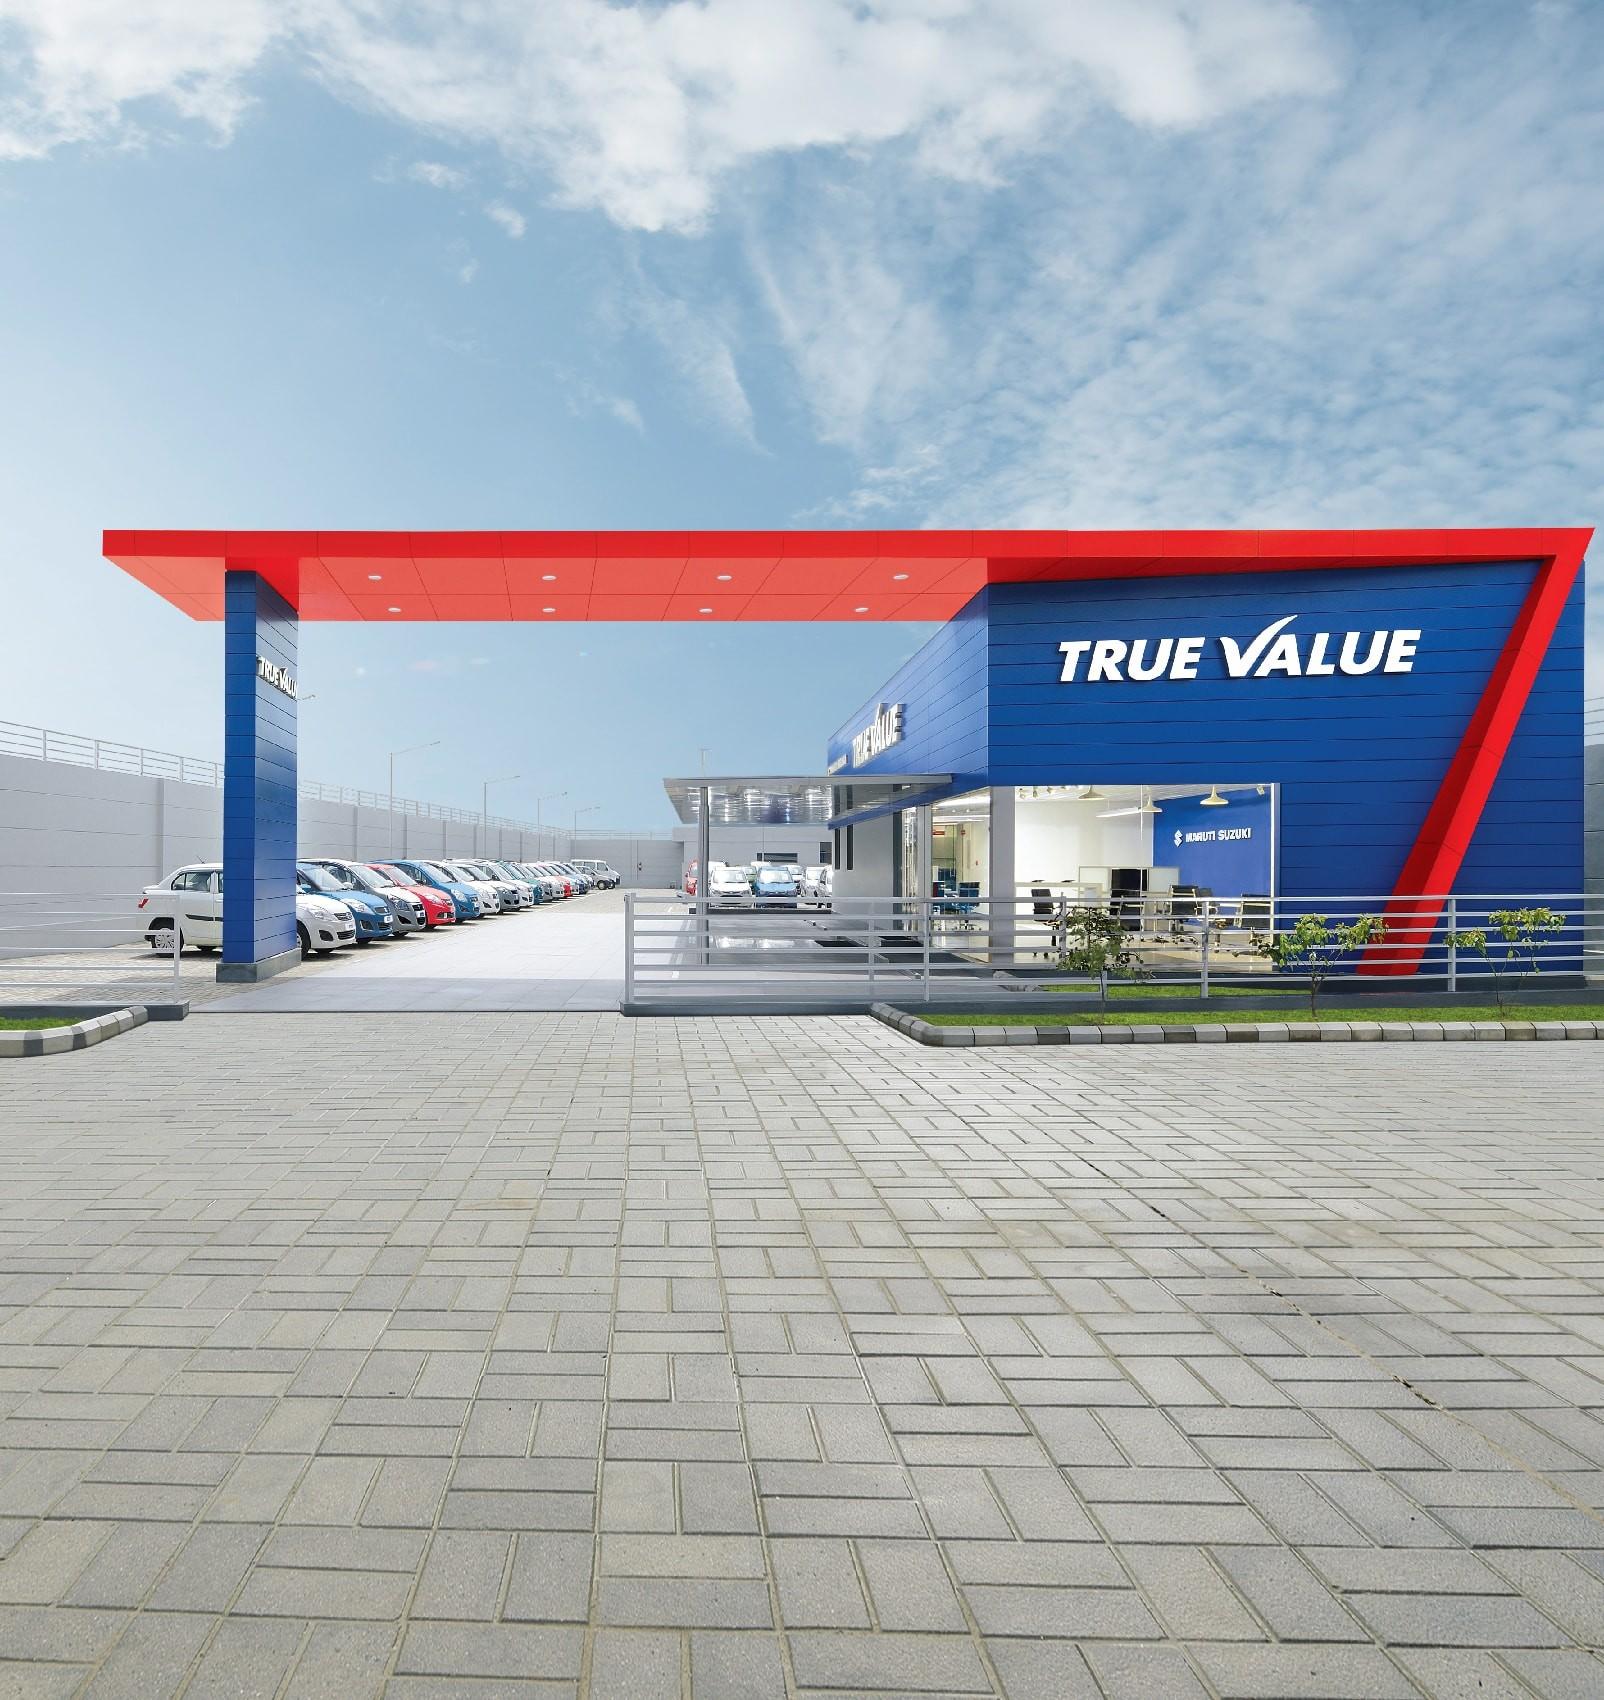 Maruti Suzuki True Value Hindustan Auto Agencies